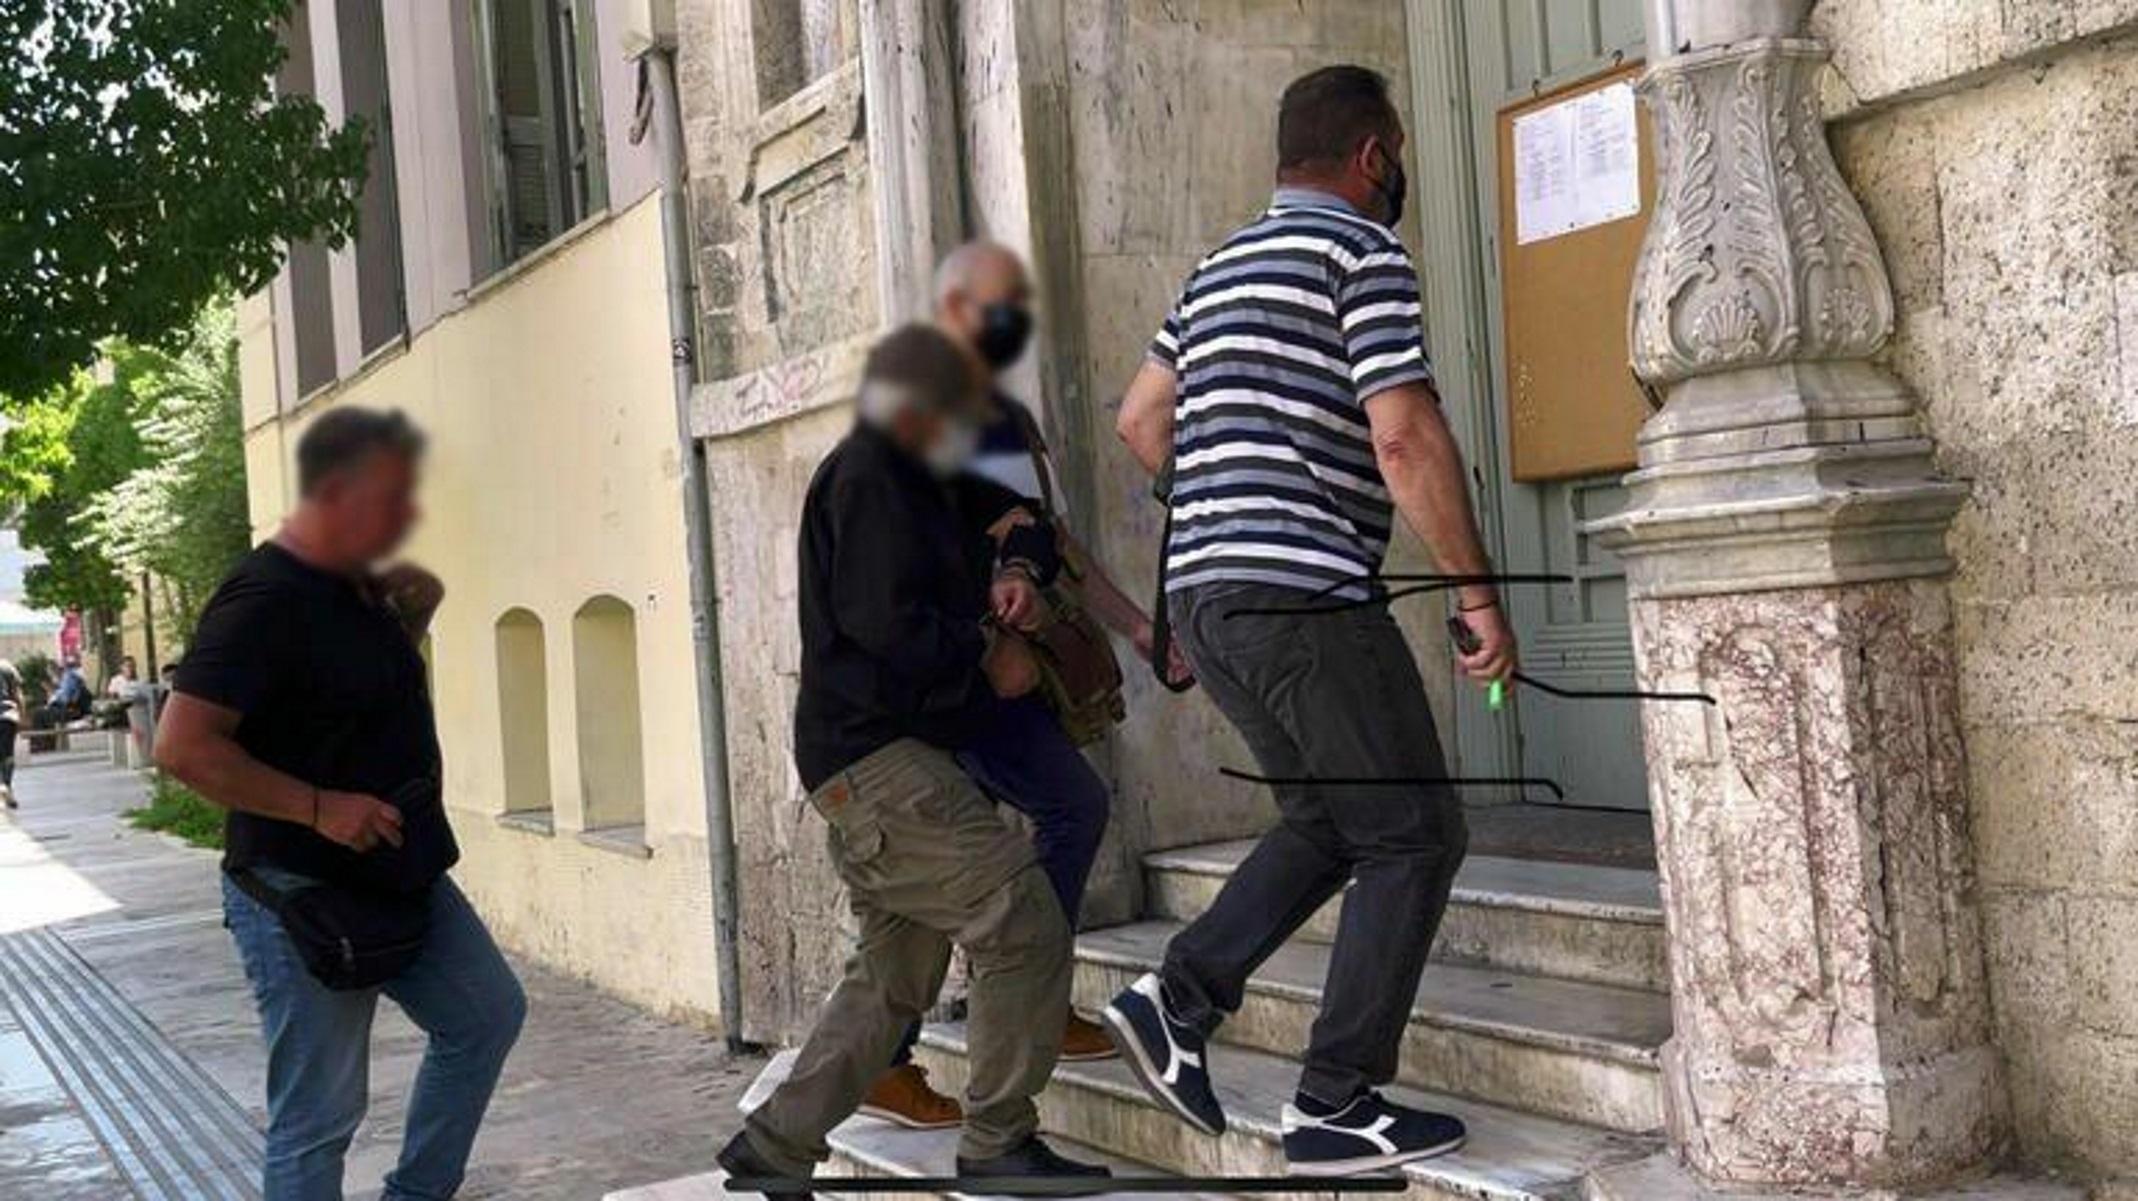 Ηράκλειο: Στη φυλακή ο 72χρονος για ασέλγεια στην 6χρονη – Ξέσπασαν σε κλάματα οι δικοί του